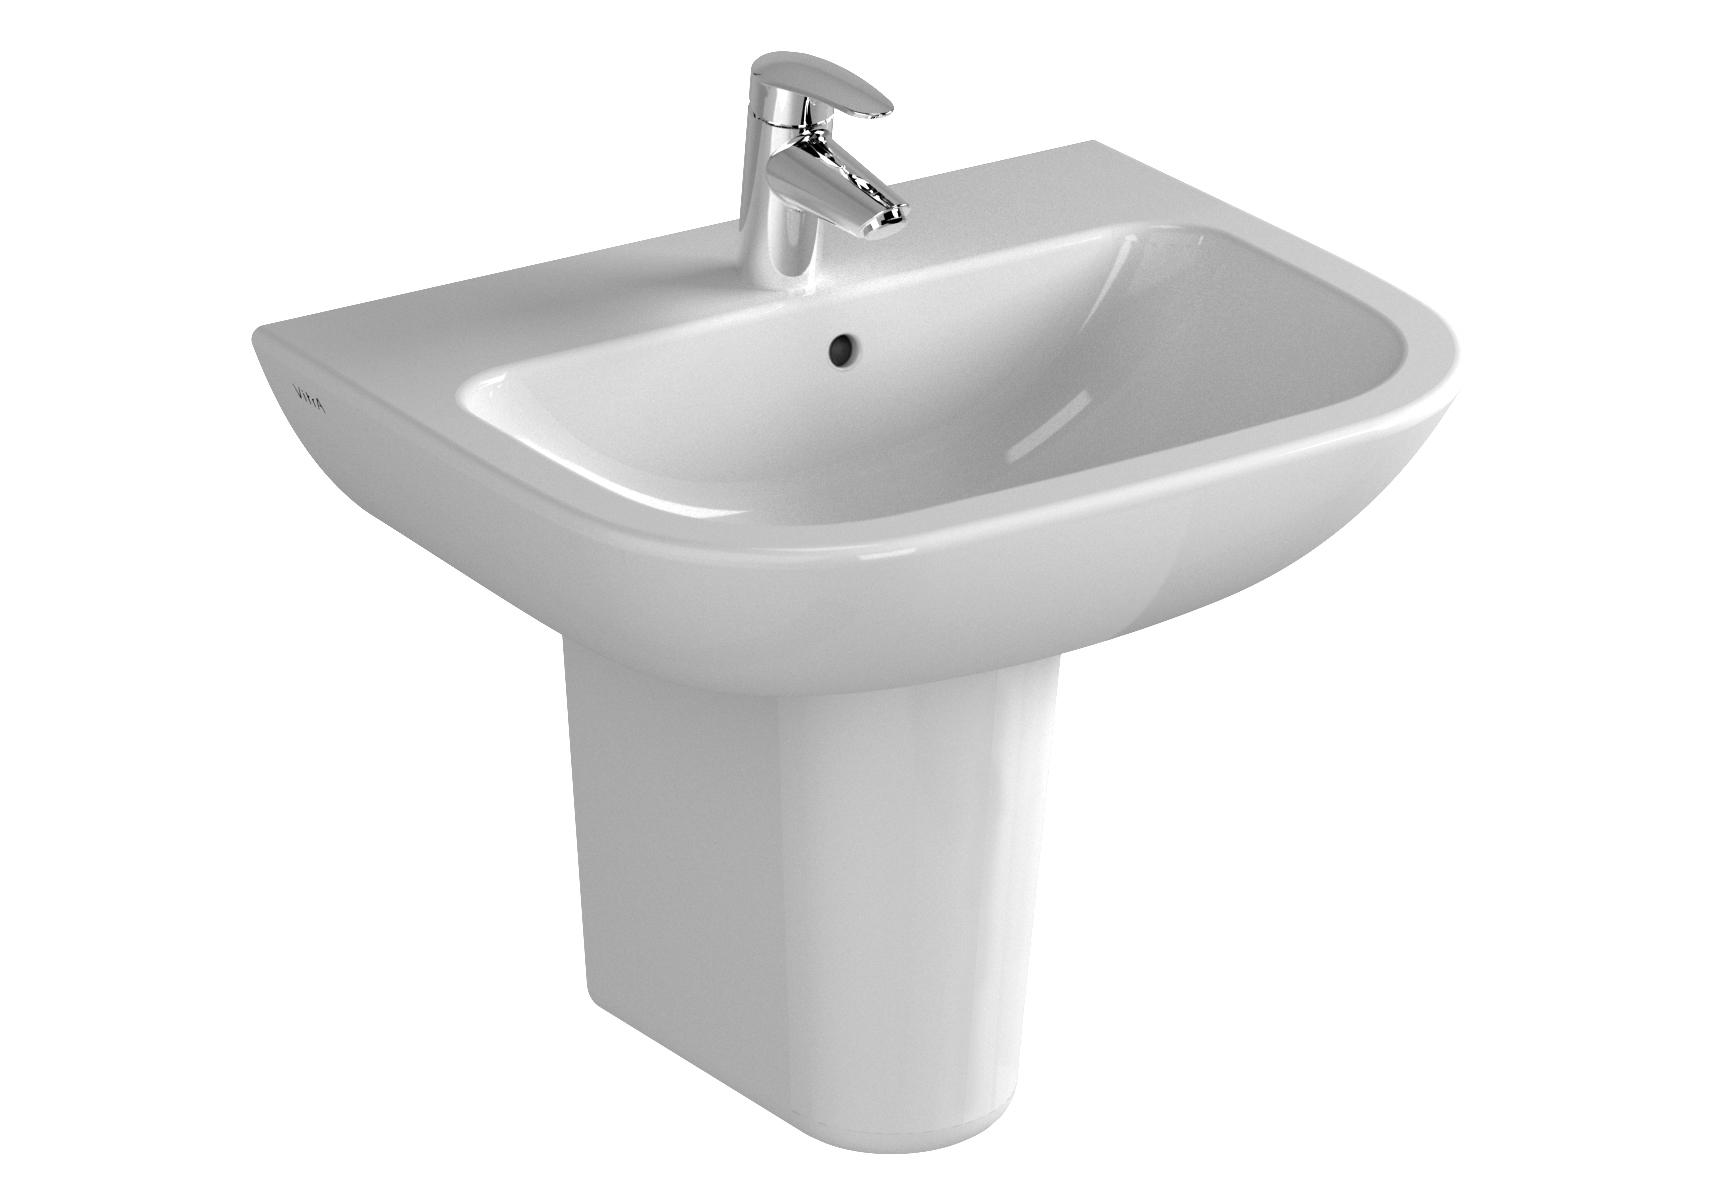 S20 Waschtisch, 60 cm, 1 Hahnloch mittig, ohne Überlaufloch, Weiß